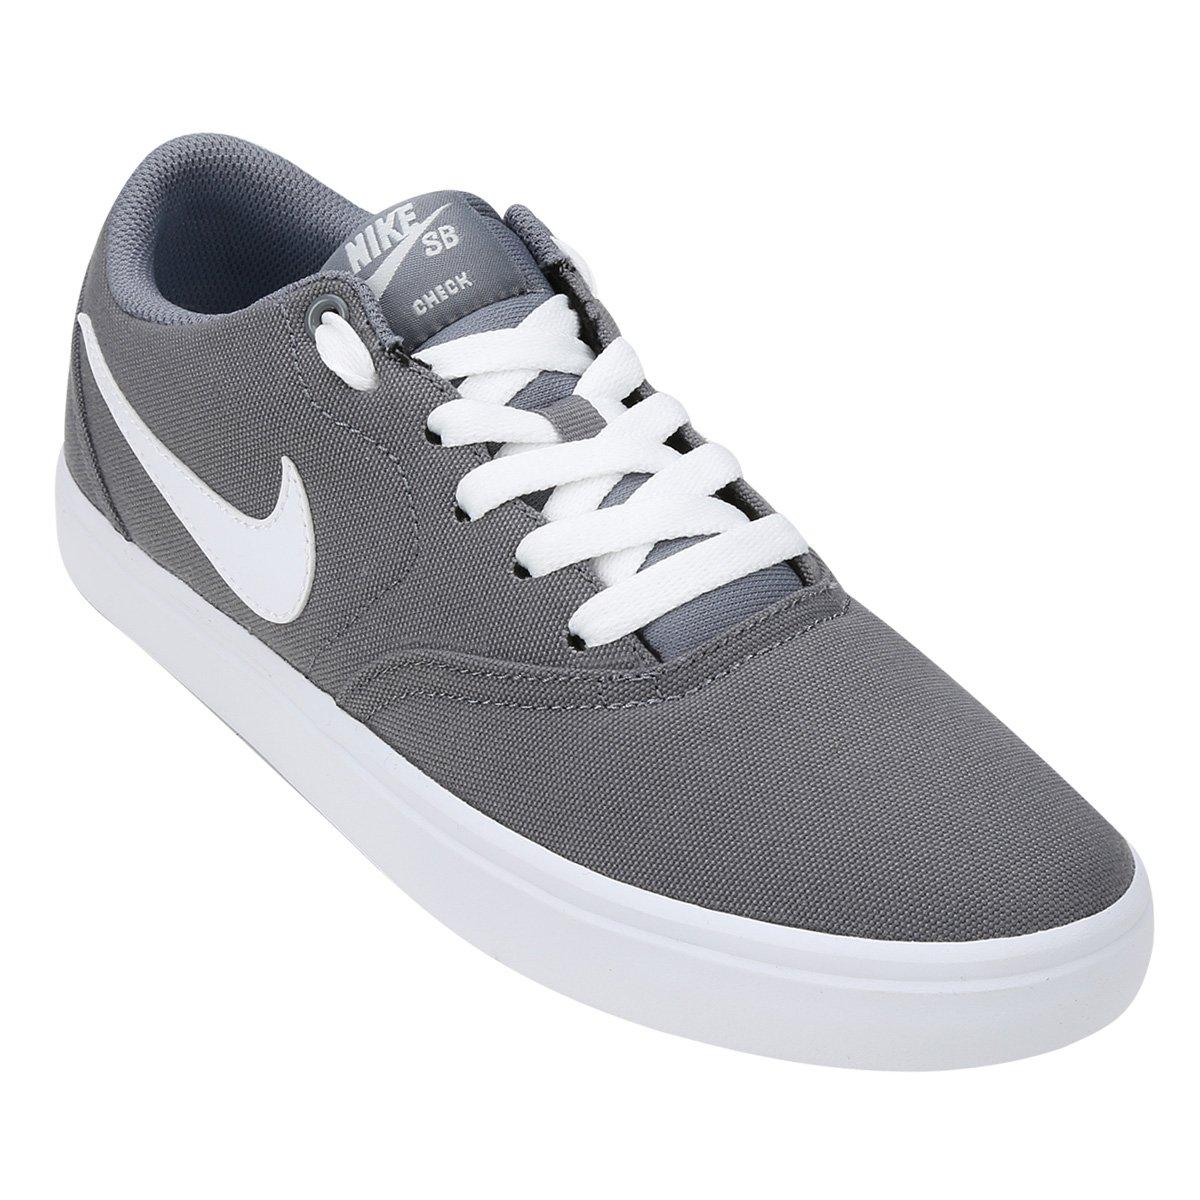 d26223beee460 Tênis Nike Wmns Sb Check Solar Cnvs Feminino | Shop Timão